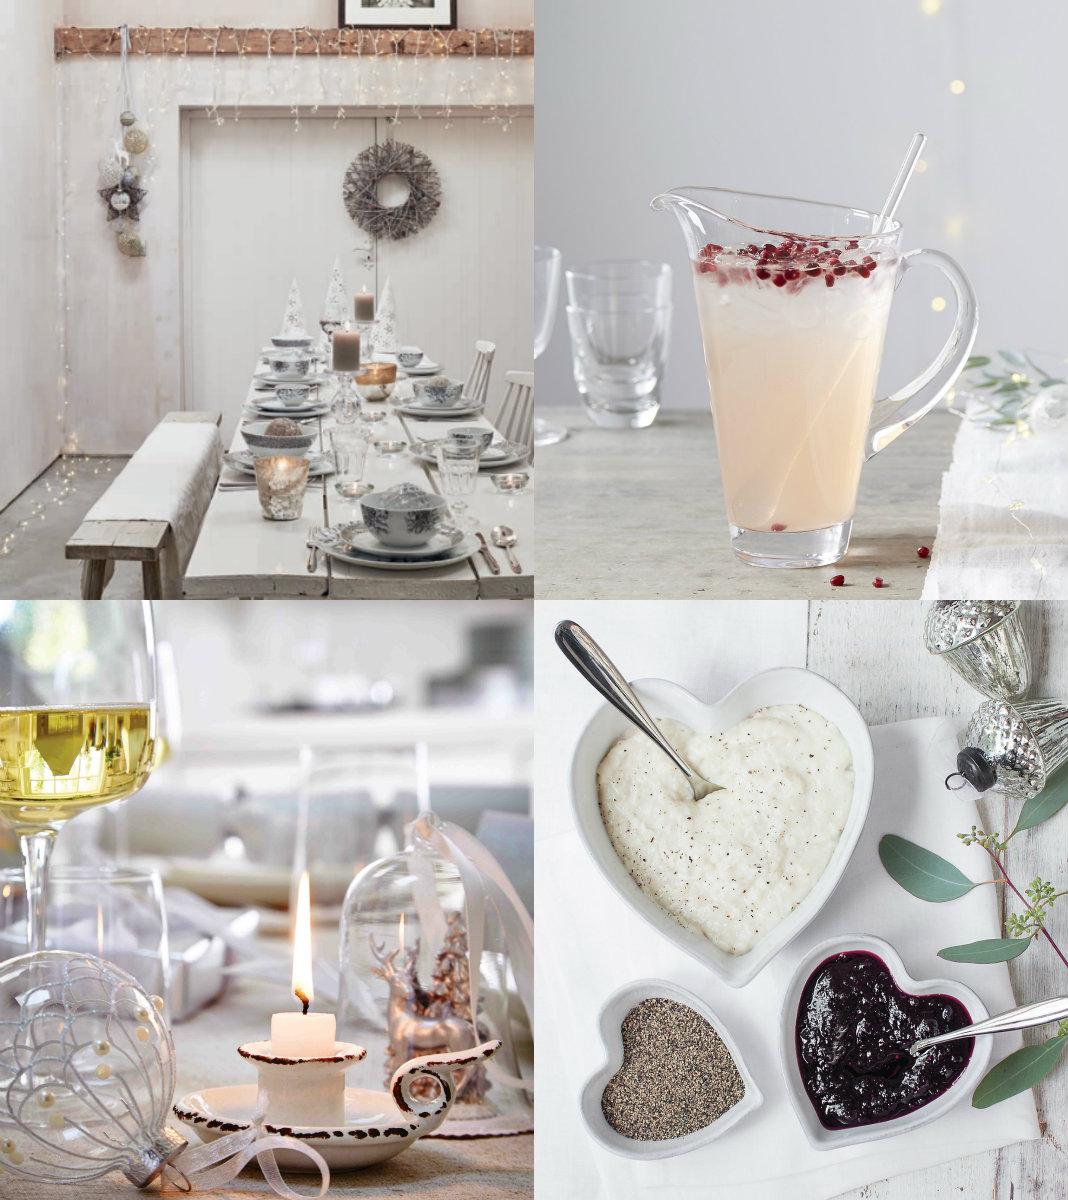 Kersttafel dekken  25 ideetjes voor een feestelijk versierde tafel